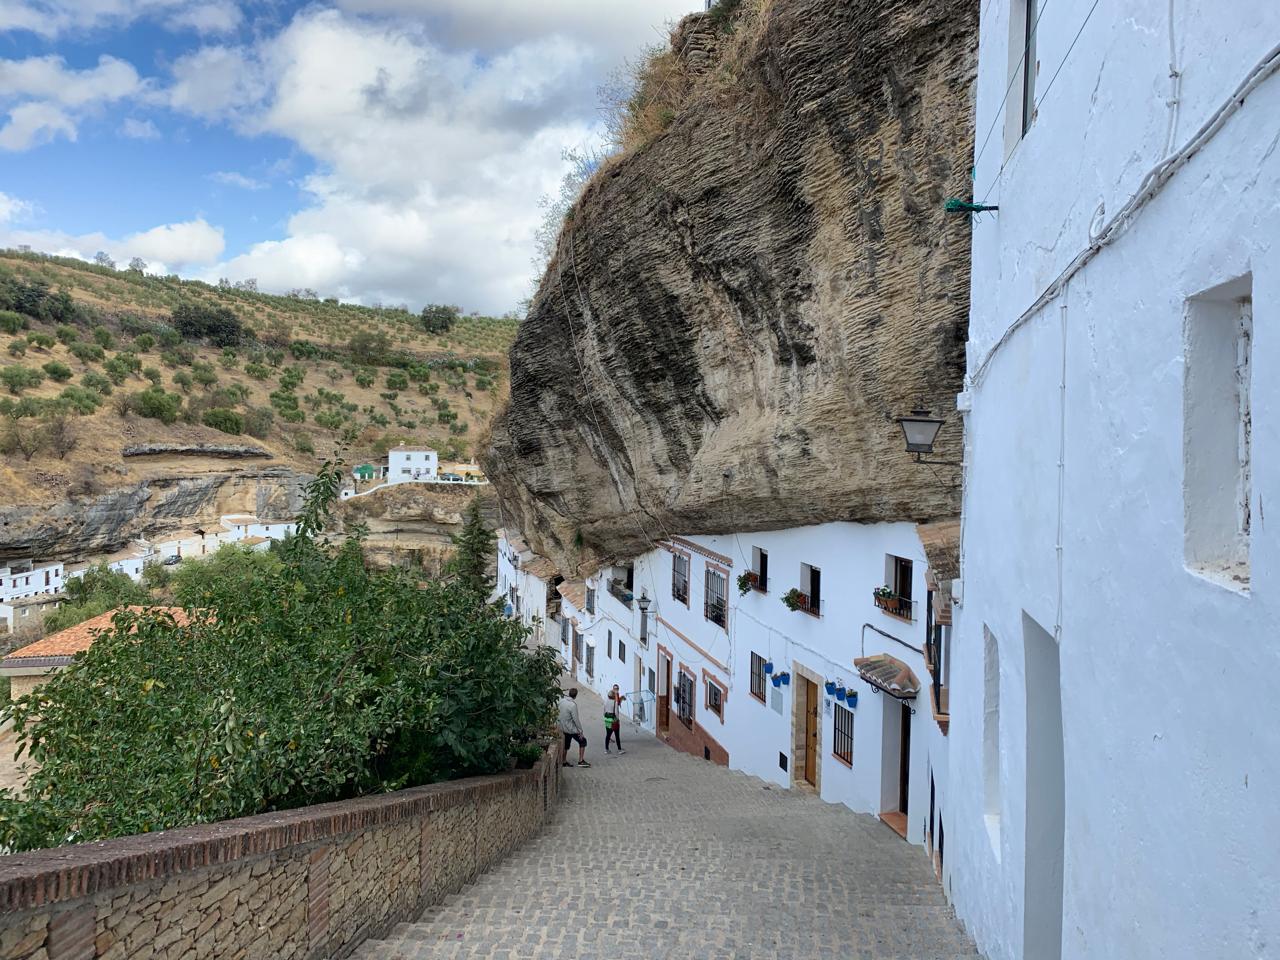 Het loopt bij mij vaak anders… Zeker in Spanje